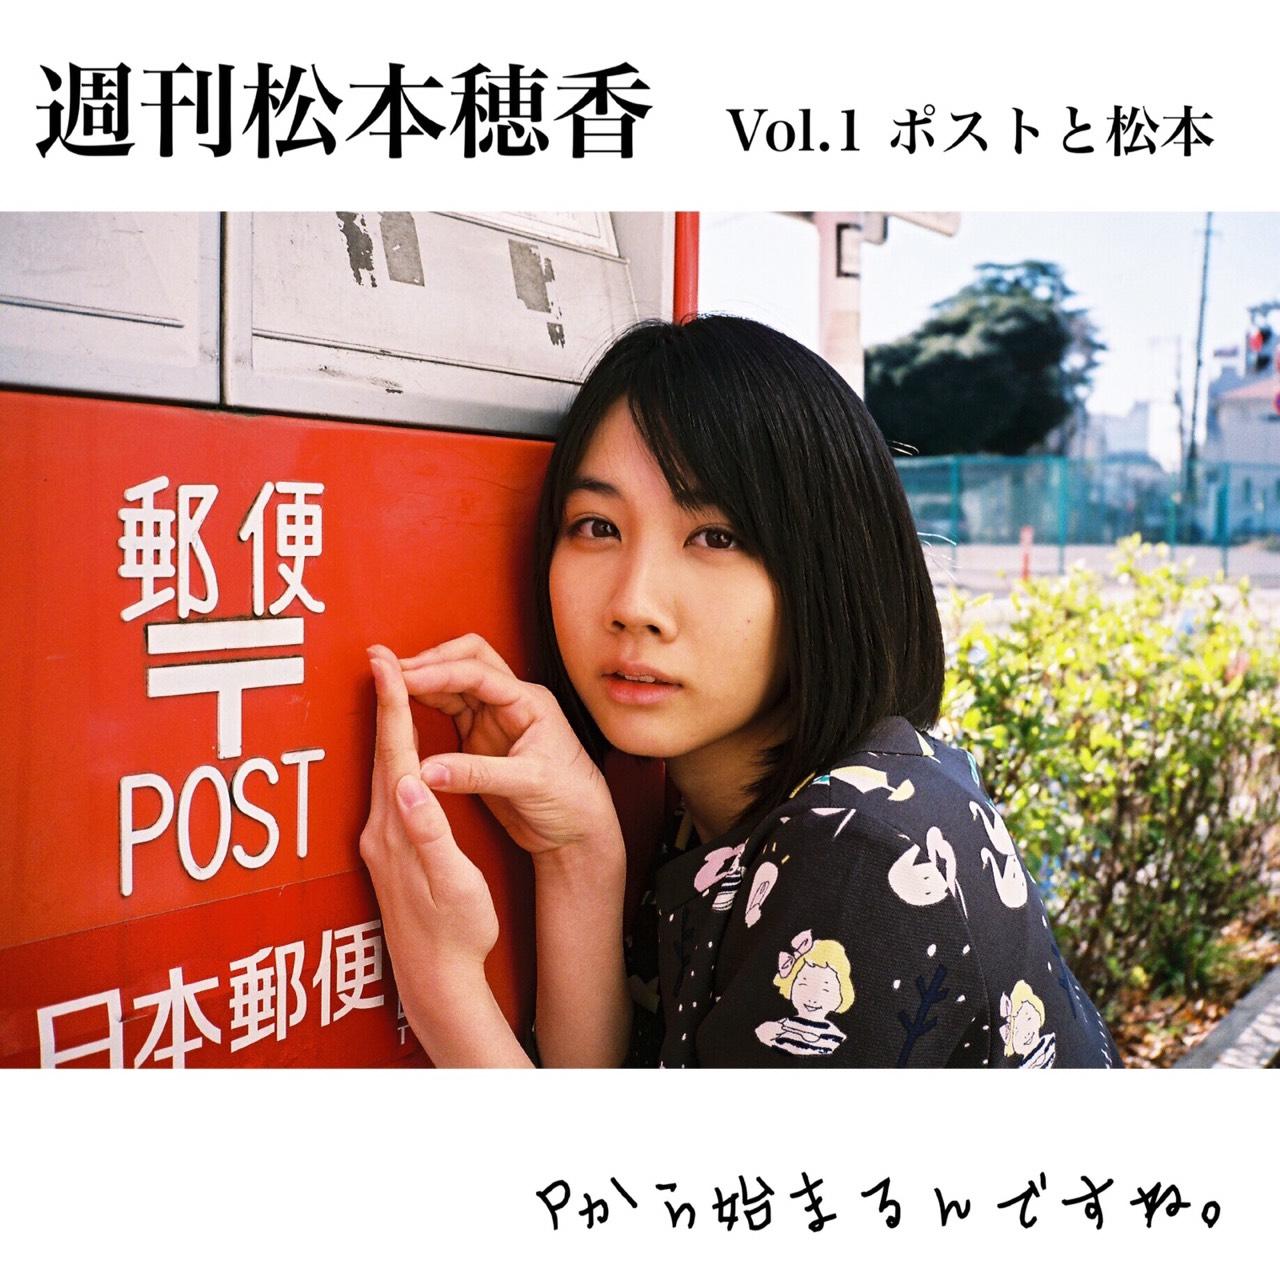 松本穂香の画像 p1_8